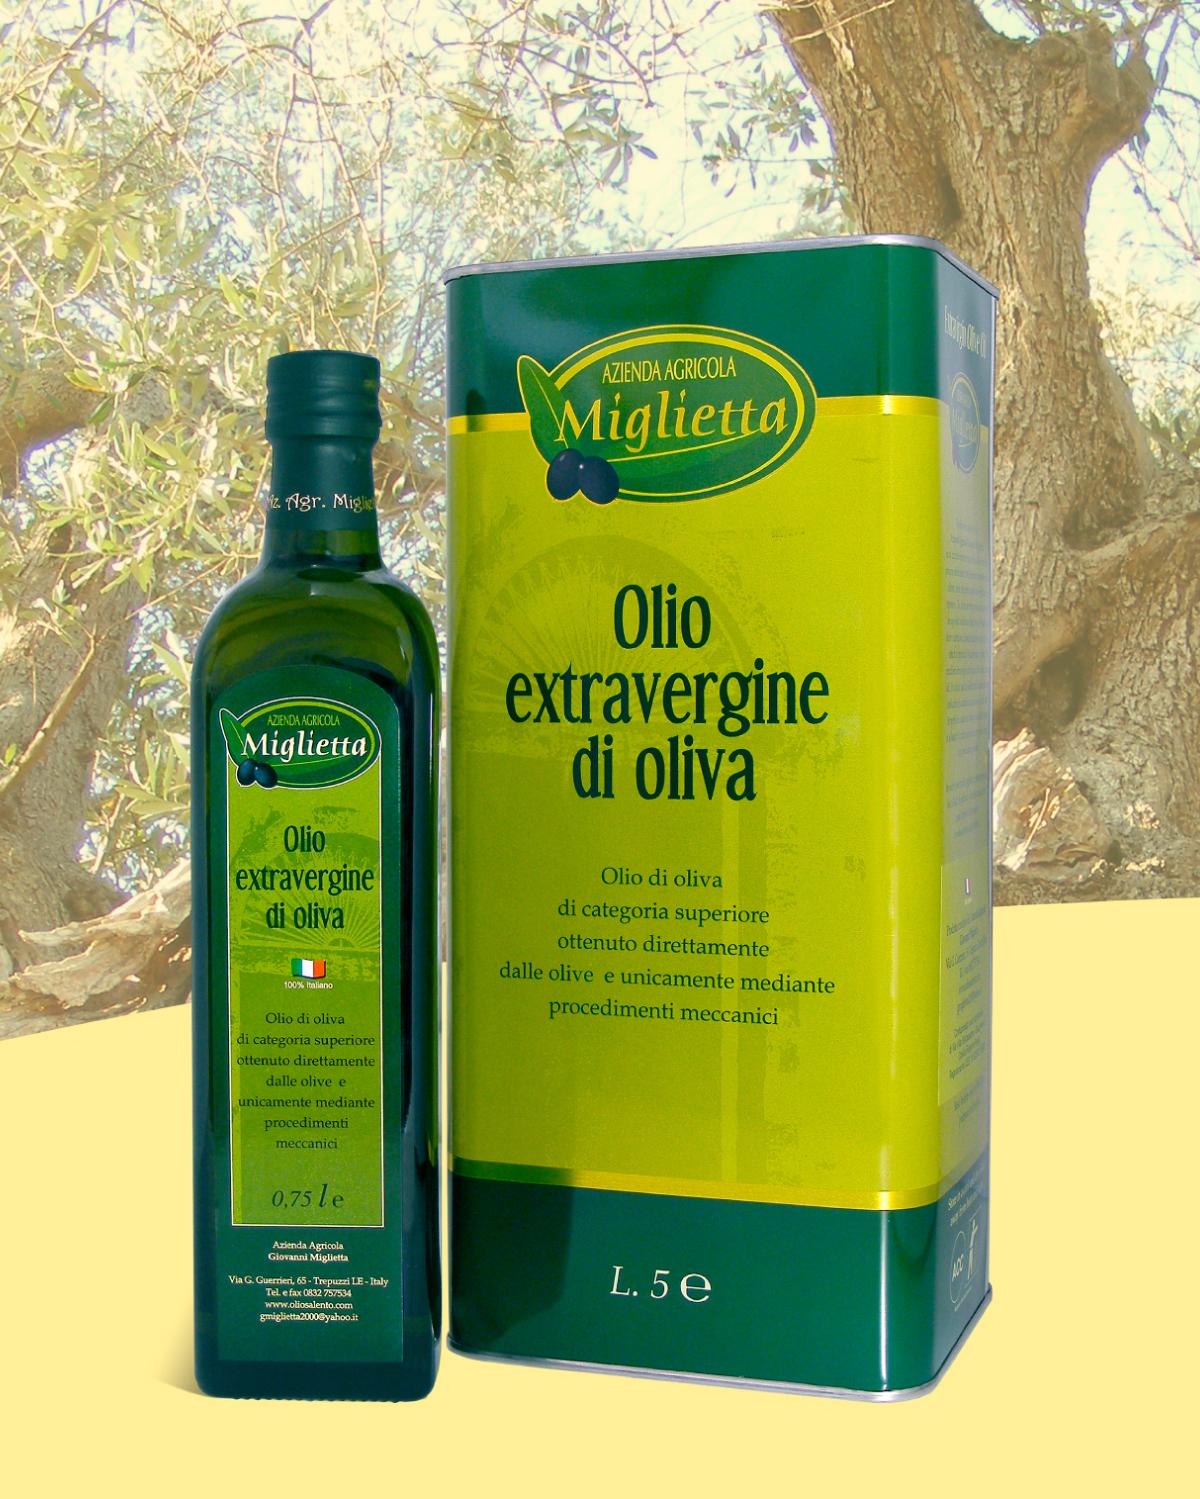 Olio Extravergine di oliva 0.75 lt. e 5 lt. | Azienda agricola Miglietta